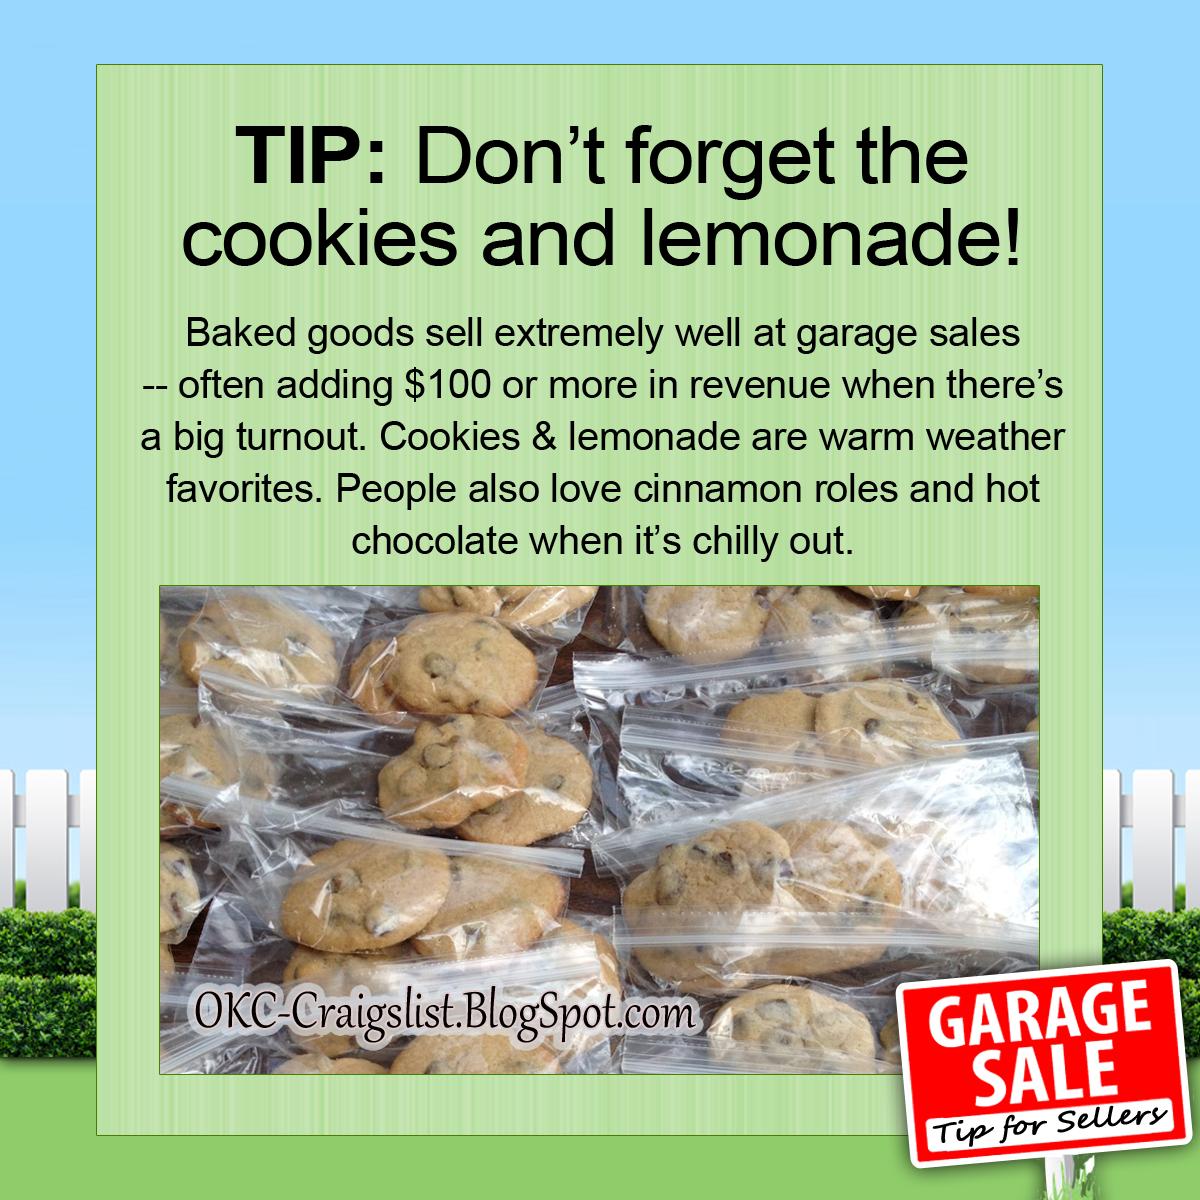 GARAGE SALE TIP: Cater to Hungry Garage Sale Shoppers | OKC Craigslist Garage Sale Blog